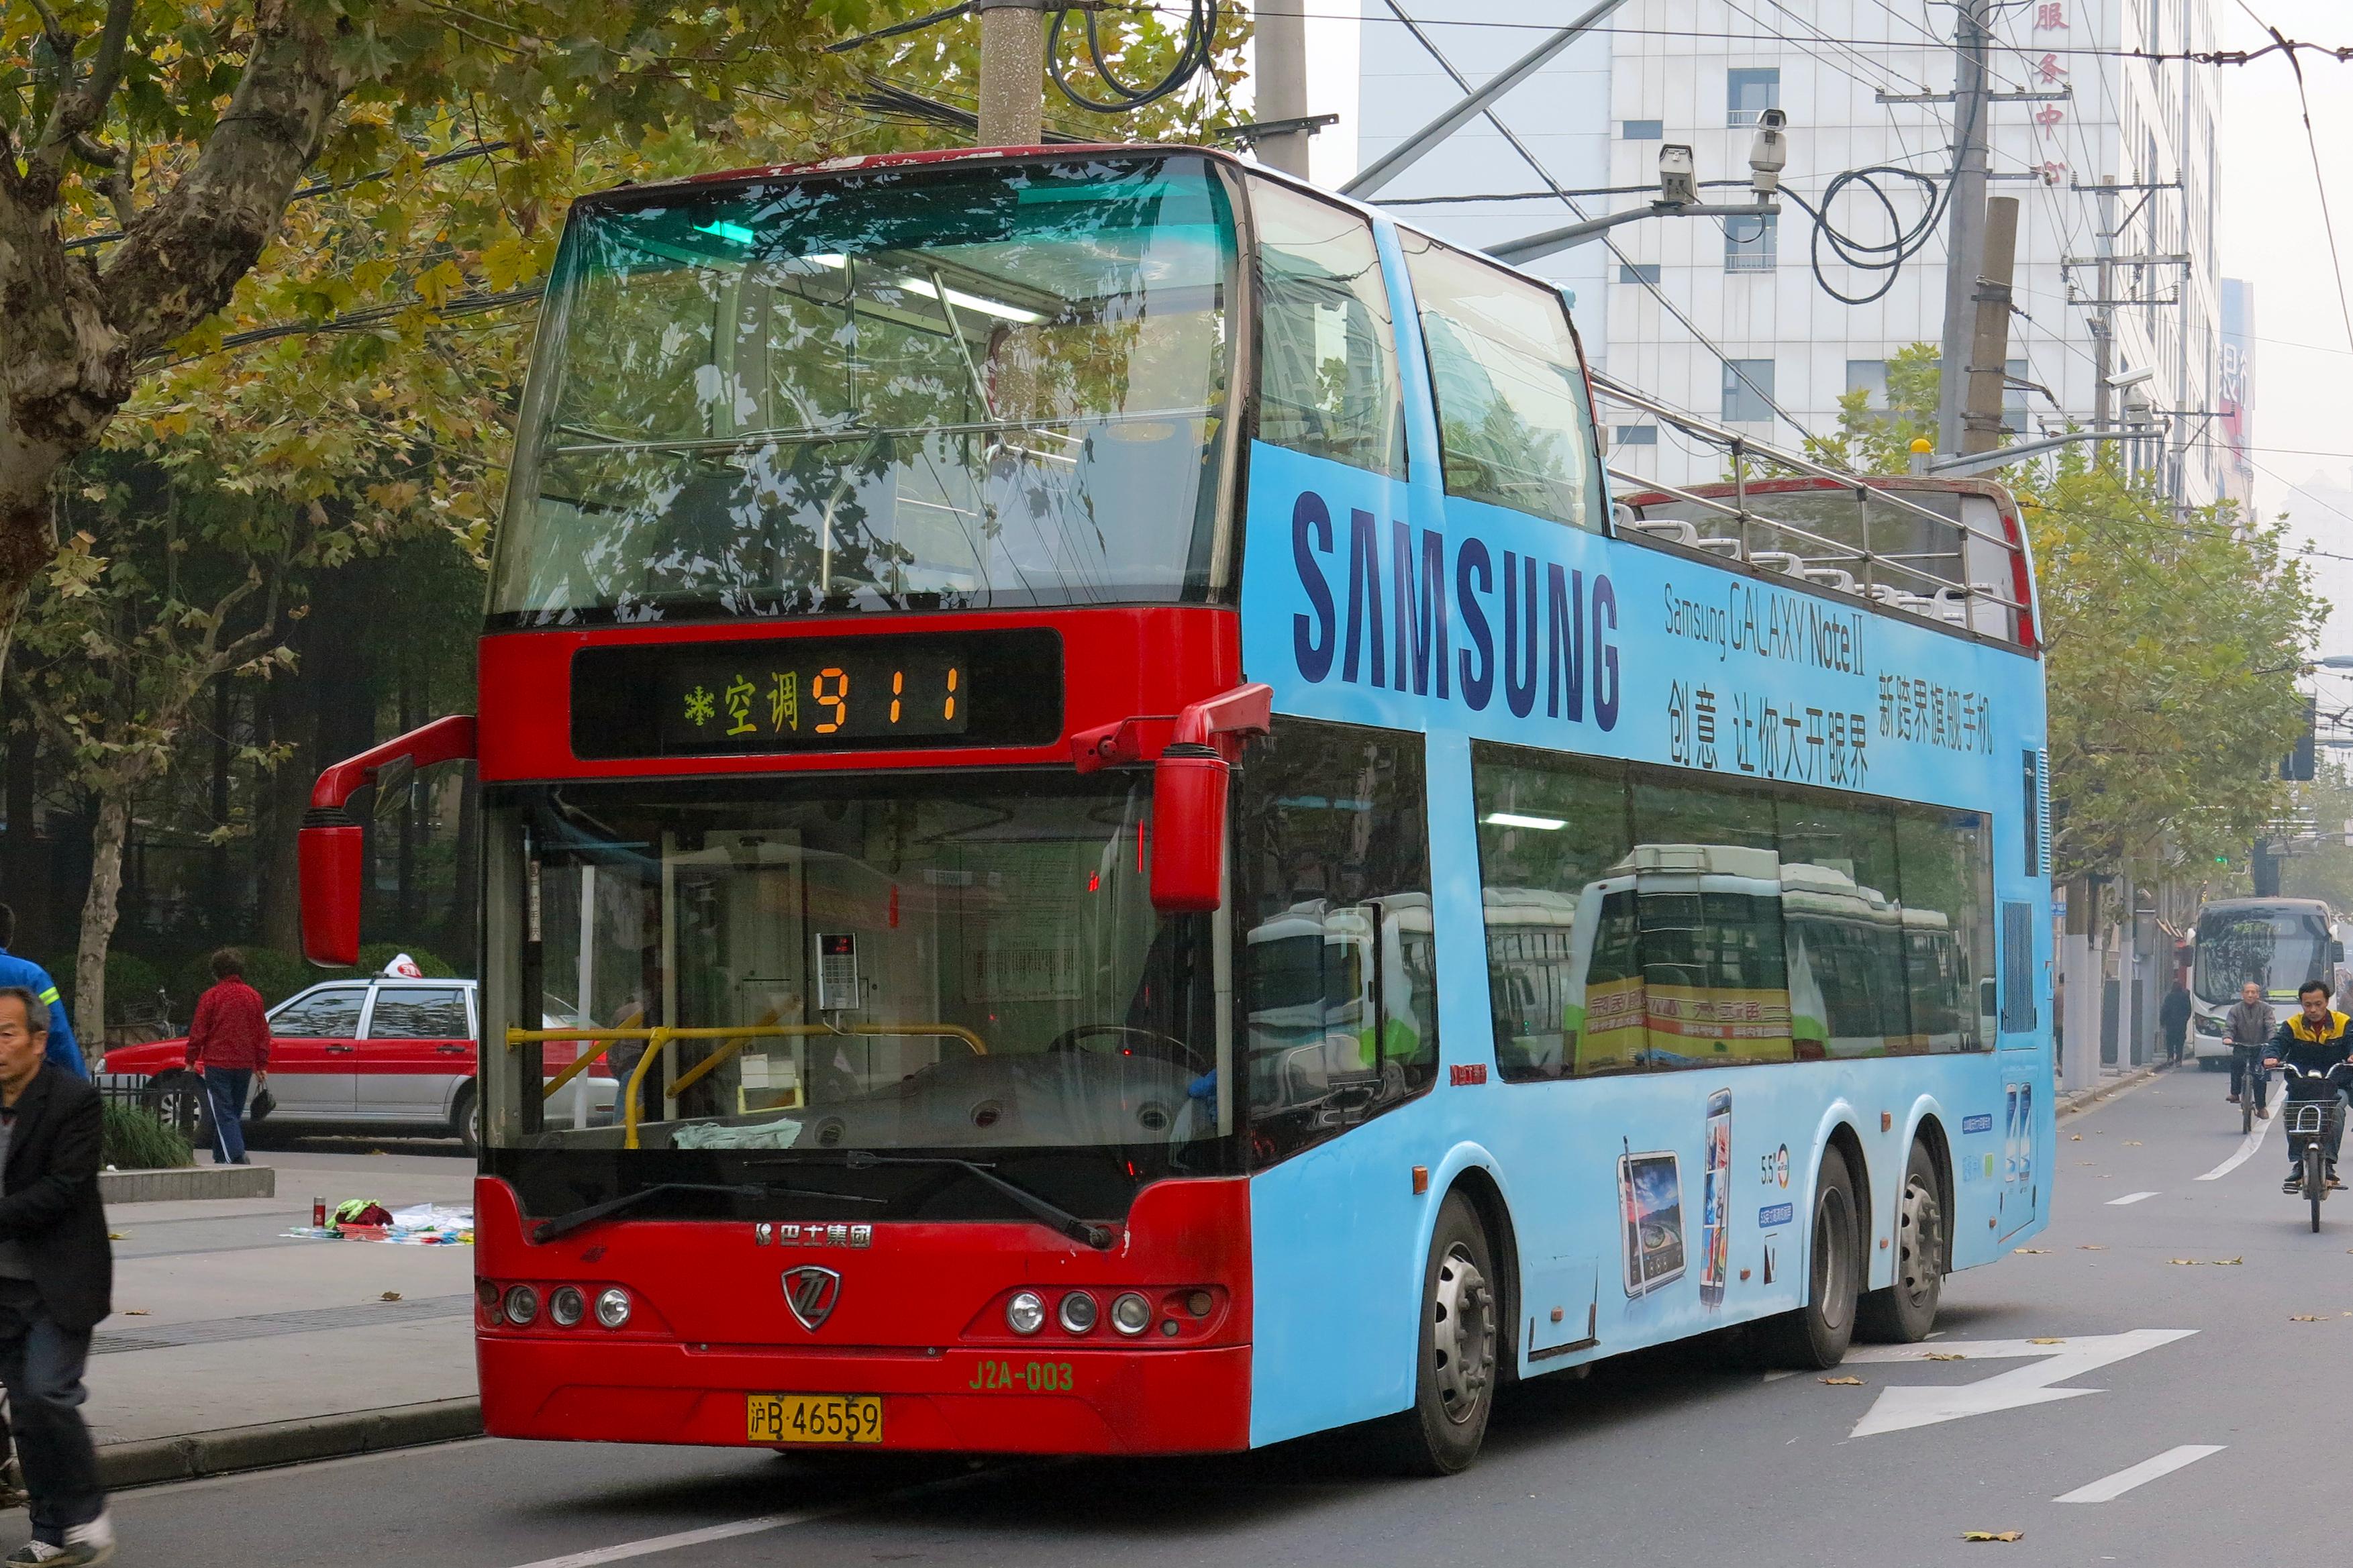 「上海都市觀光巴士」的圖片搜尋結果